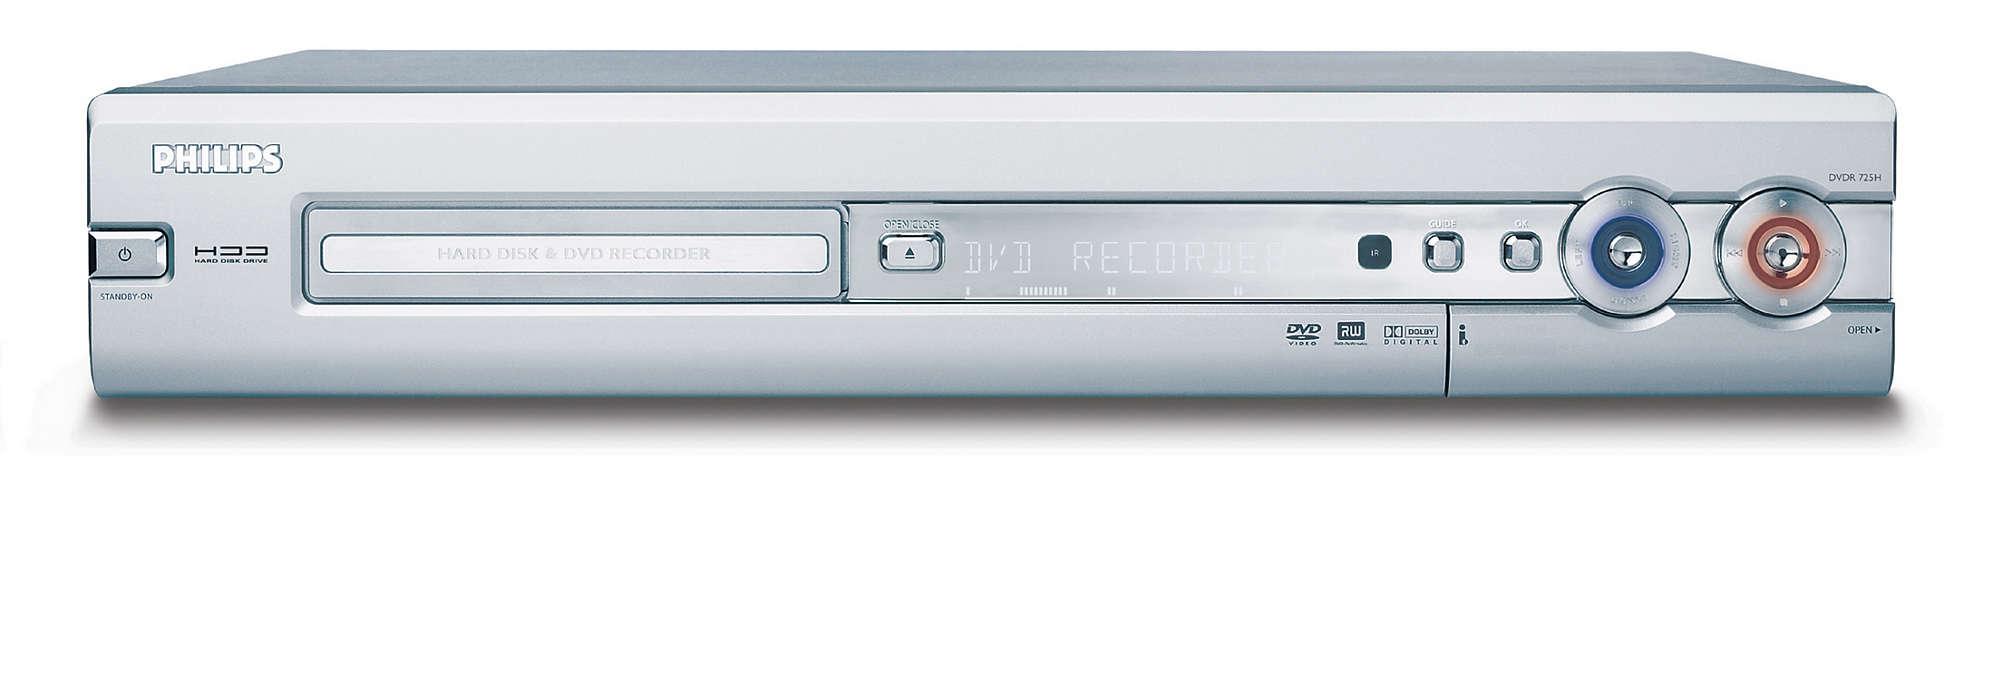 DVD recorder con hard disk